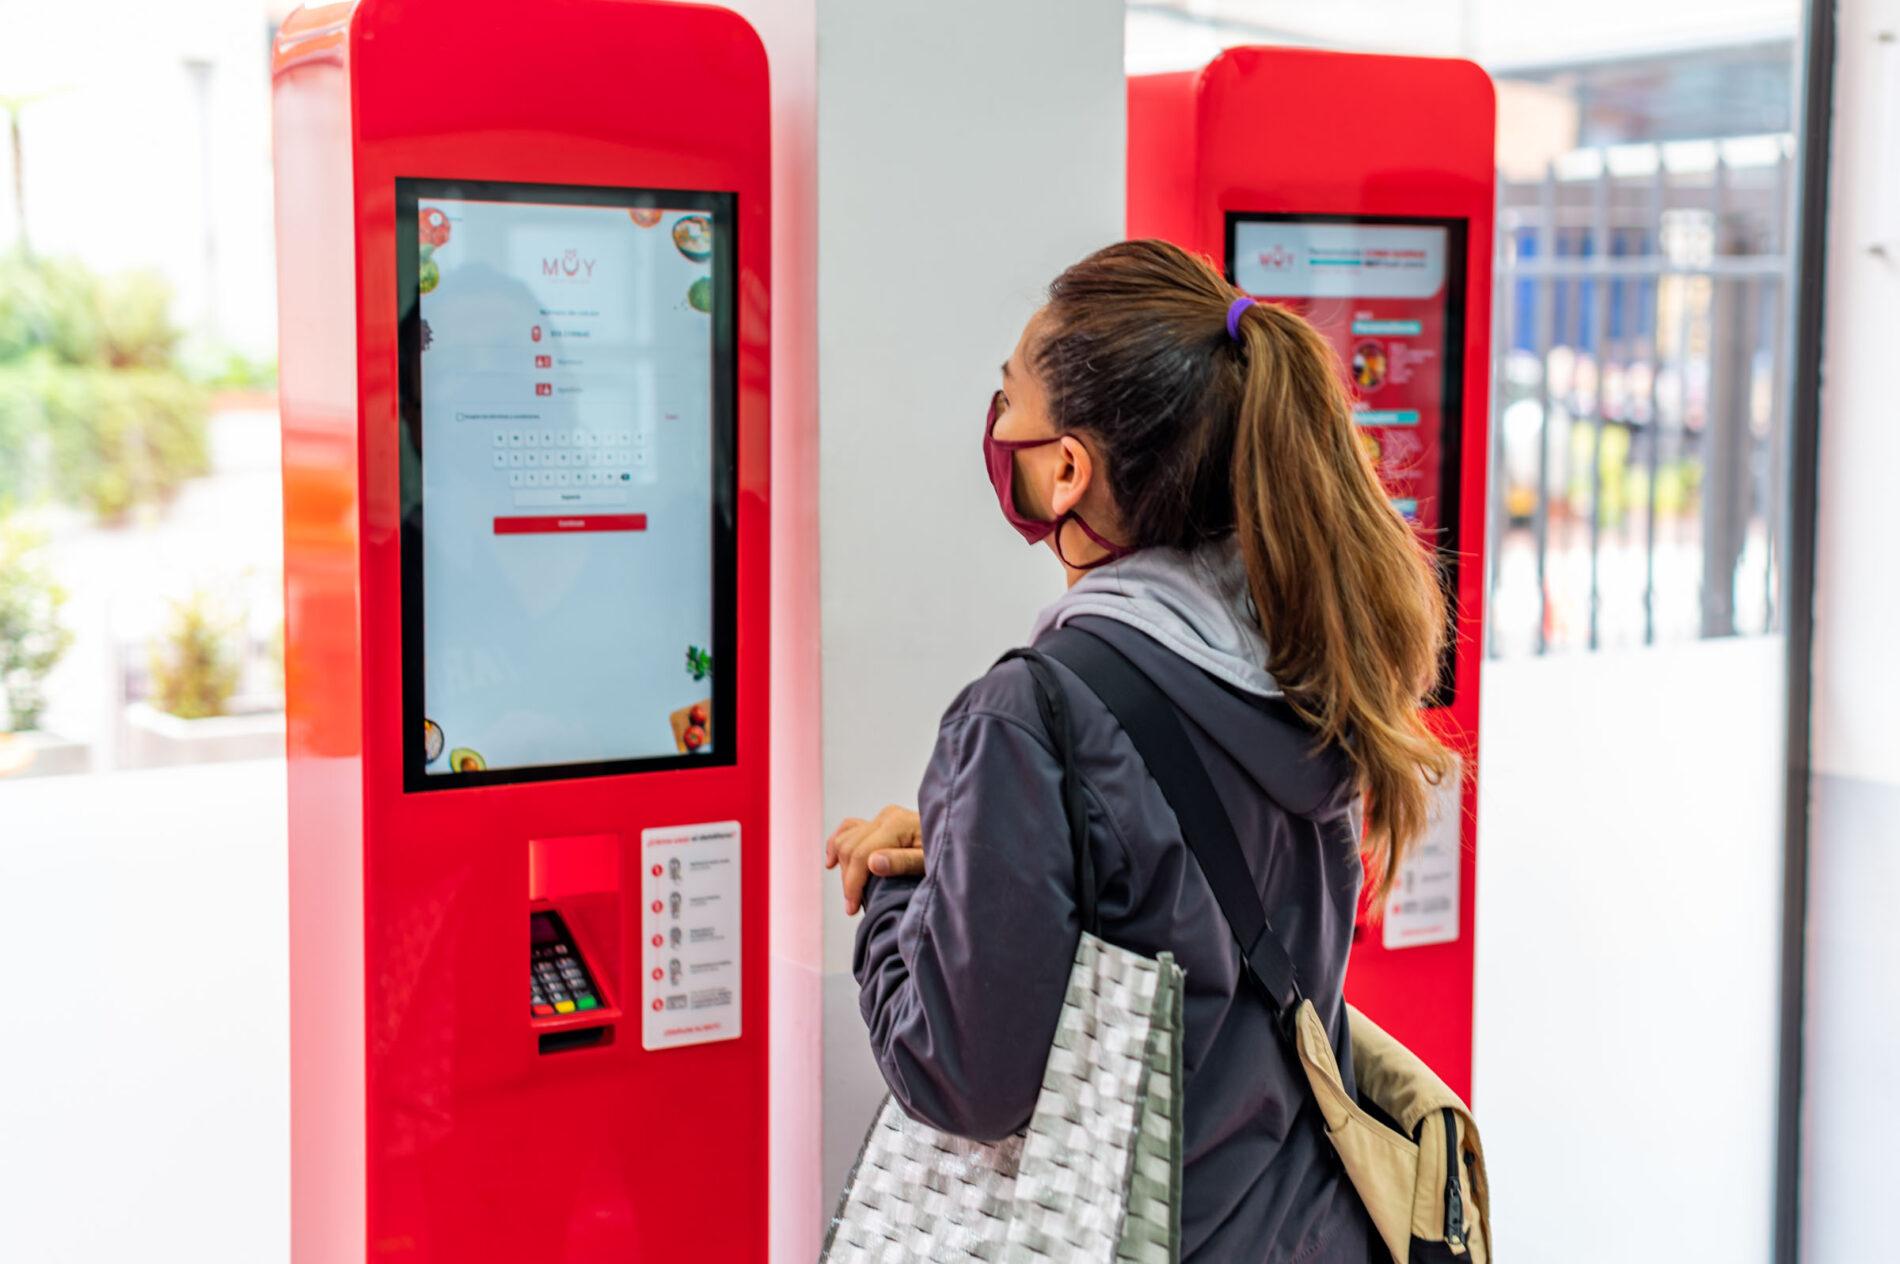 MUY abre el primer restaurante completamente automatizado en Colombia